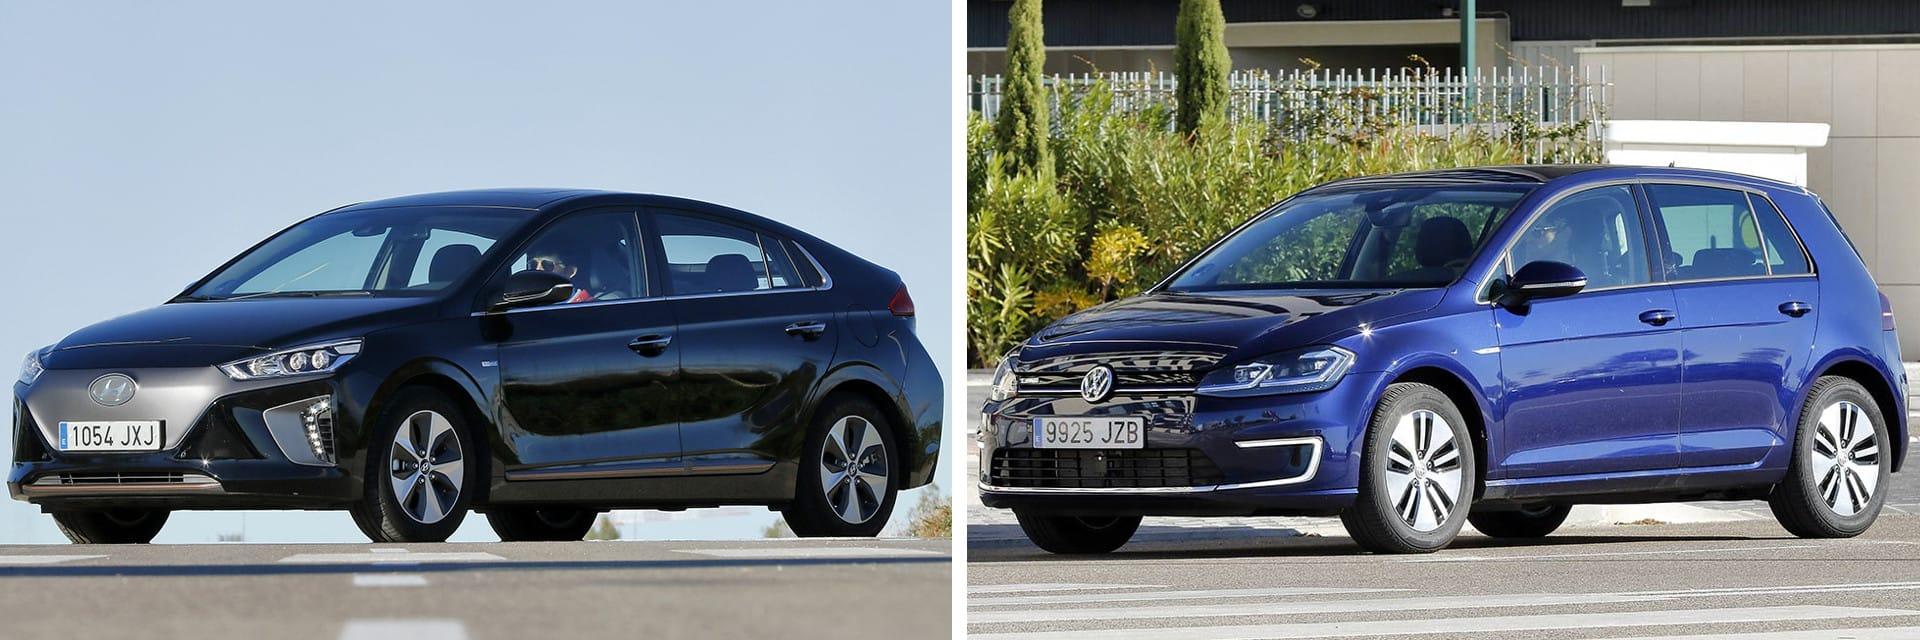 El Volkswagen (izq.) tiene un tacto más preciso y responde con mayor rapidez y fuerza. El Hyundai (dcha.) tiene mejores suspensiones.